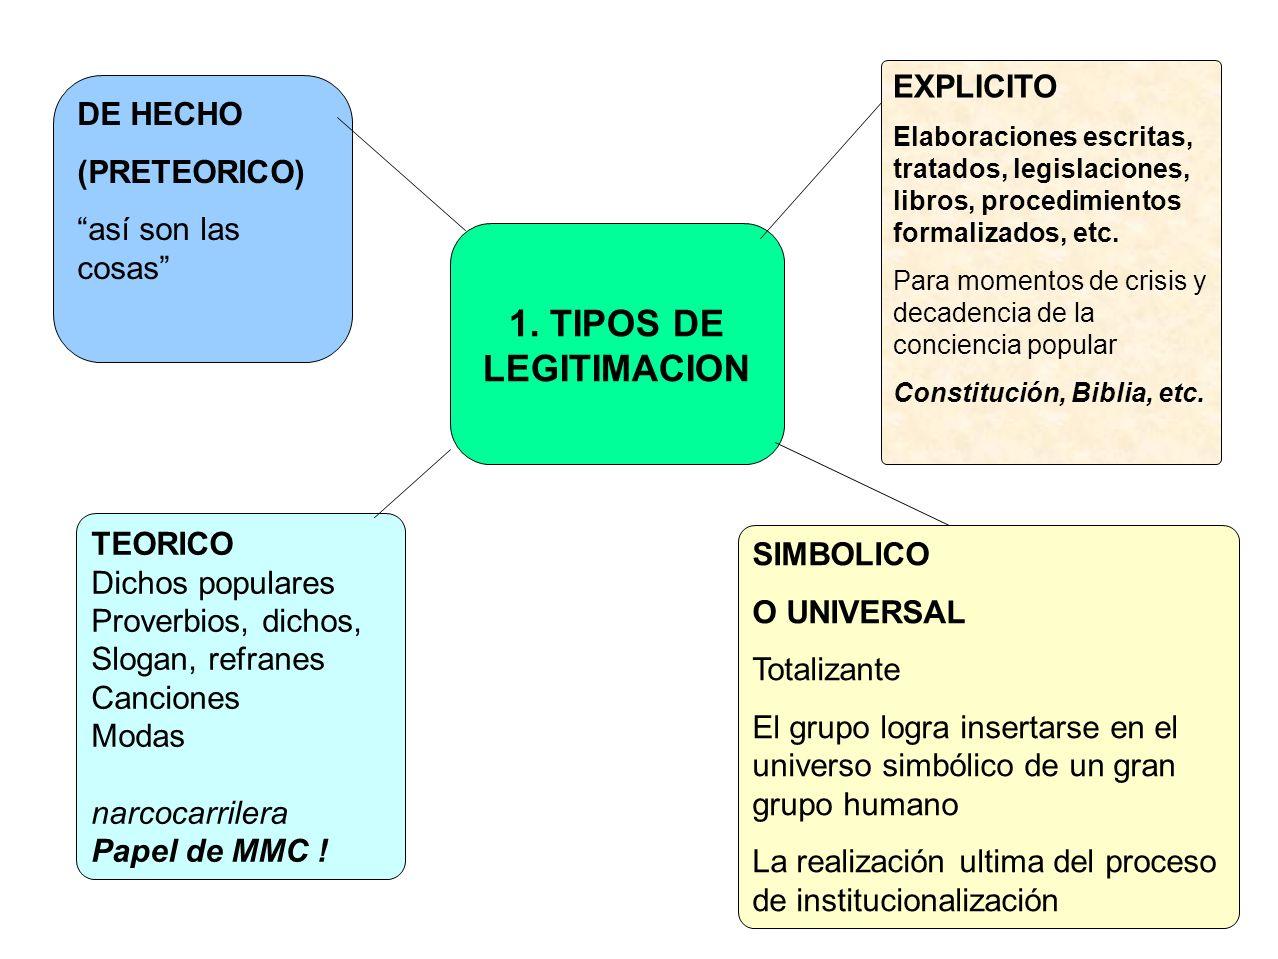 1. TIPOS DE LEGITIMACION EXPLICITO DE HECHO (PRETEORICO)